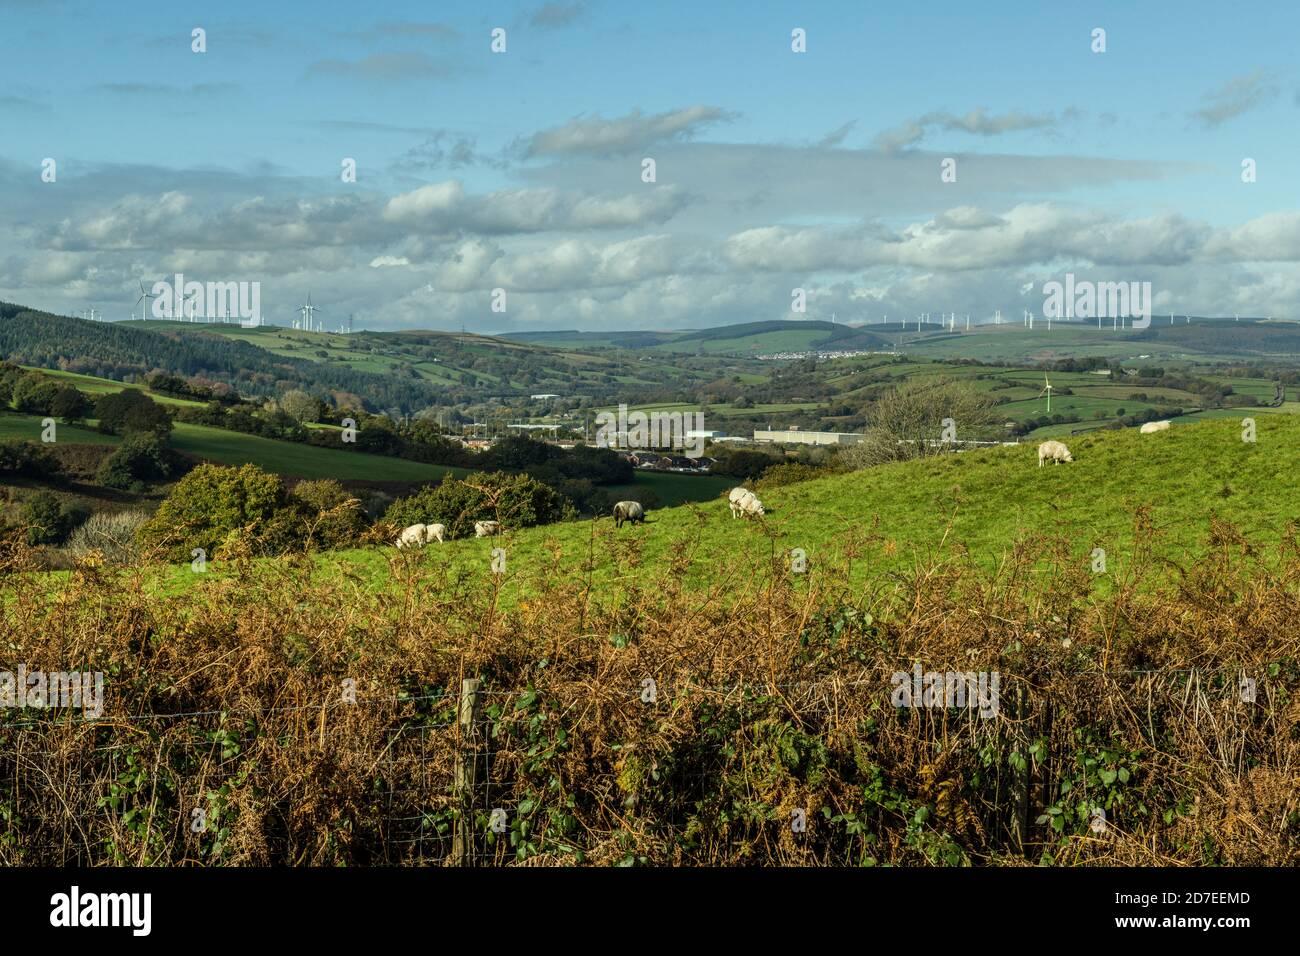 Un paisaje del sur de gales desde una ladera fuera de Llantrisant. En la distancia están los aerogeneradores y en la distancia media es un parque industrial. Foto de stock